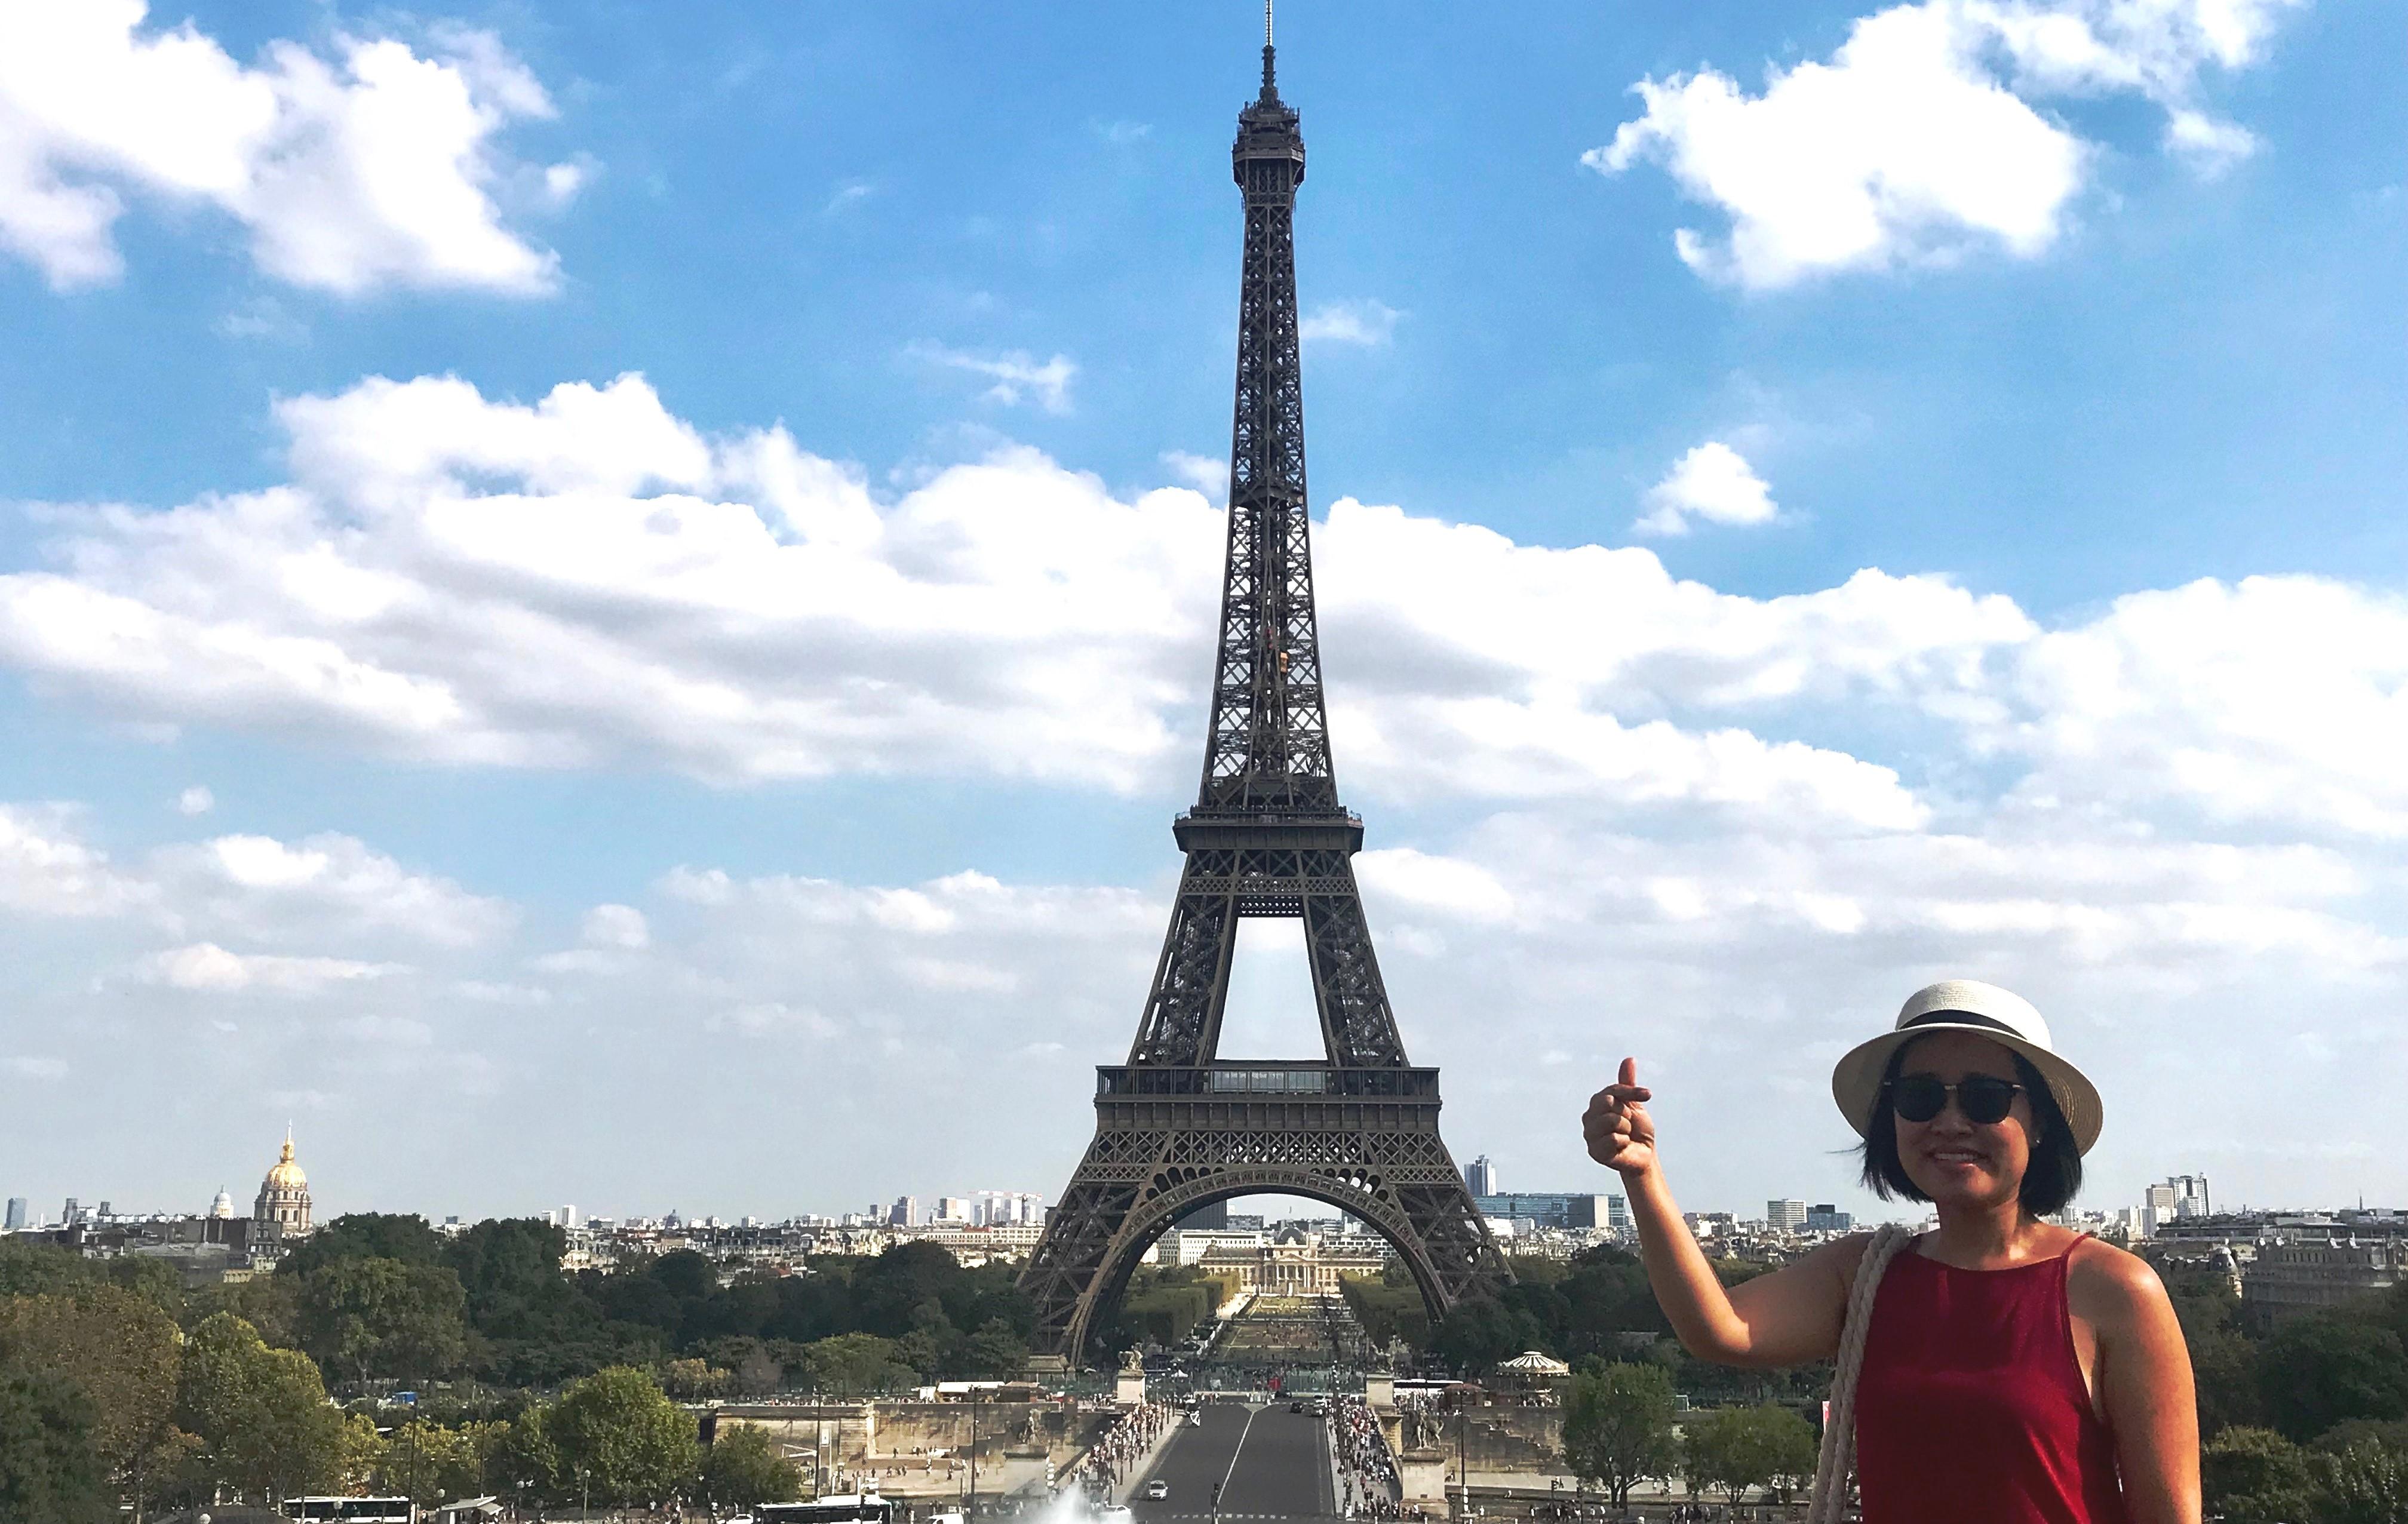 Bạn muốn có thể du học Pháp học tiếng Pháp mà không mất học phí hay sinh hoạt phí?